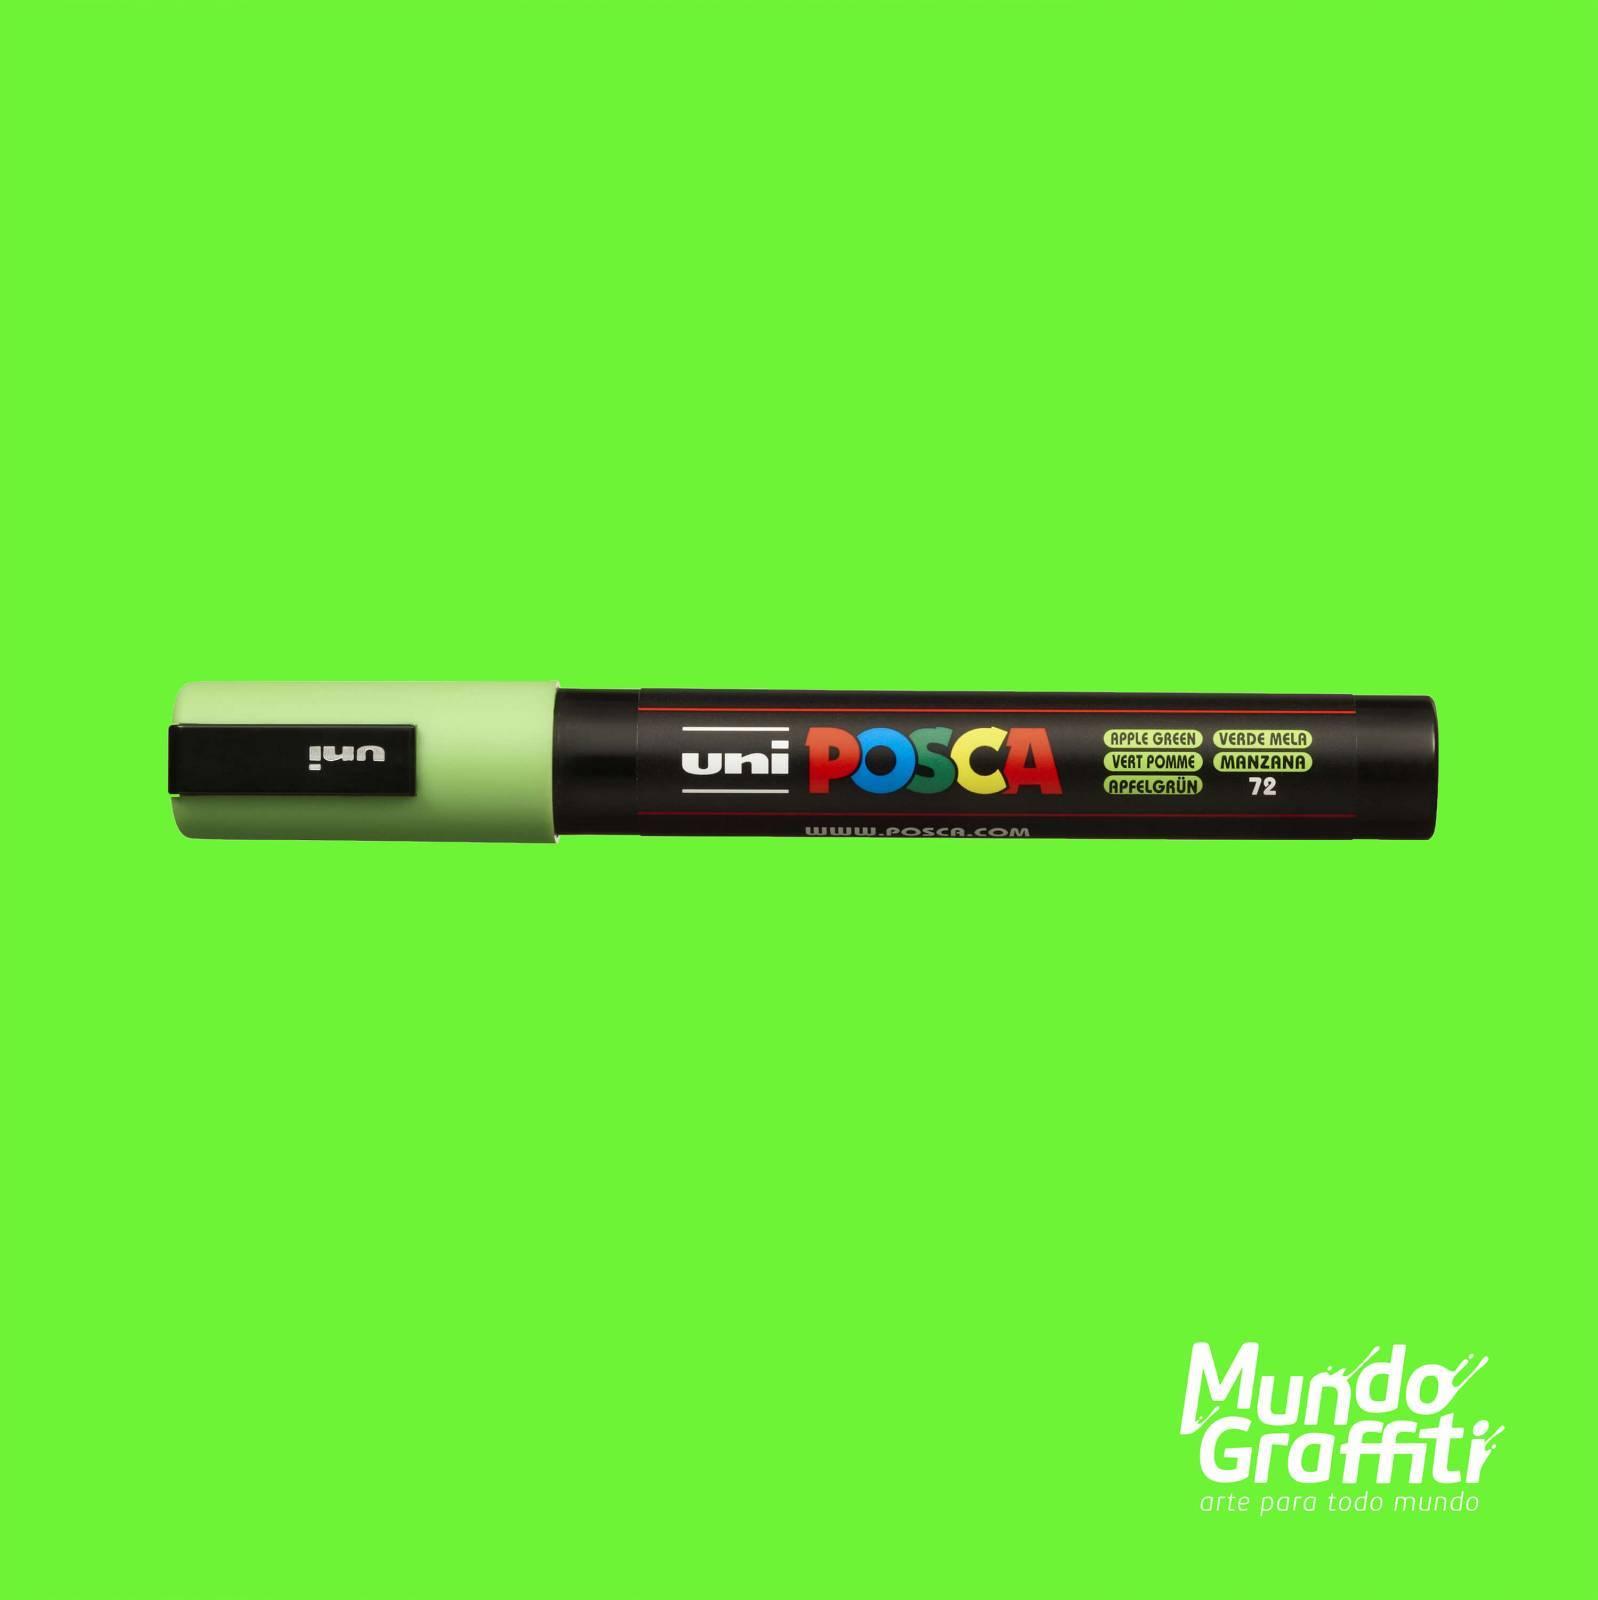 Caneta Posca 5M Maçã Verde - Mundo Graffiti